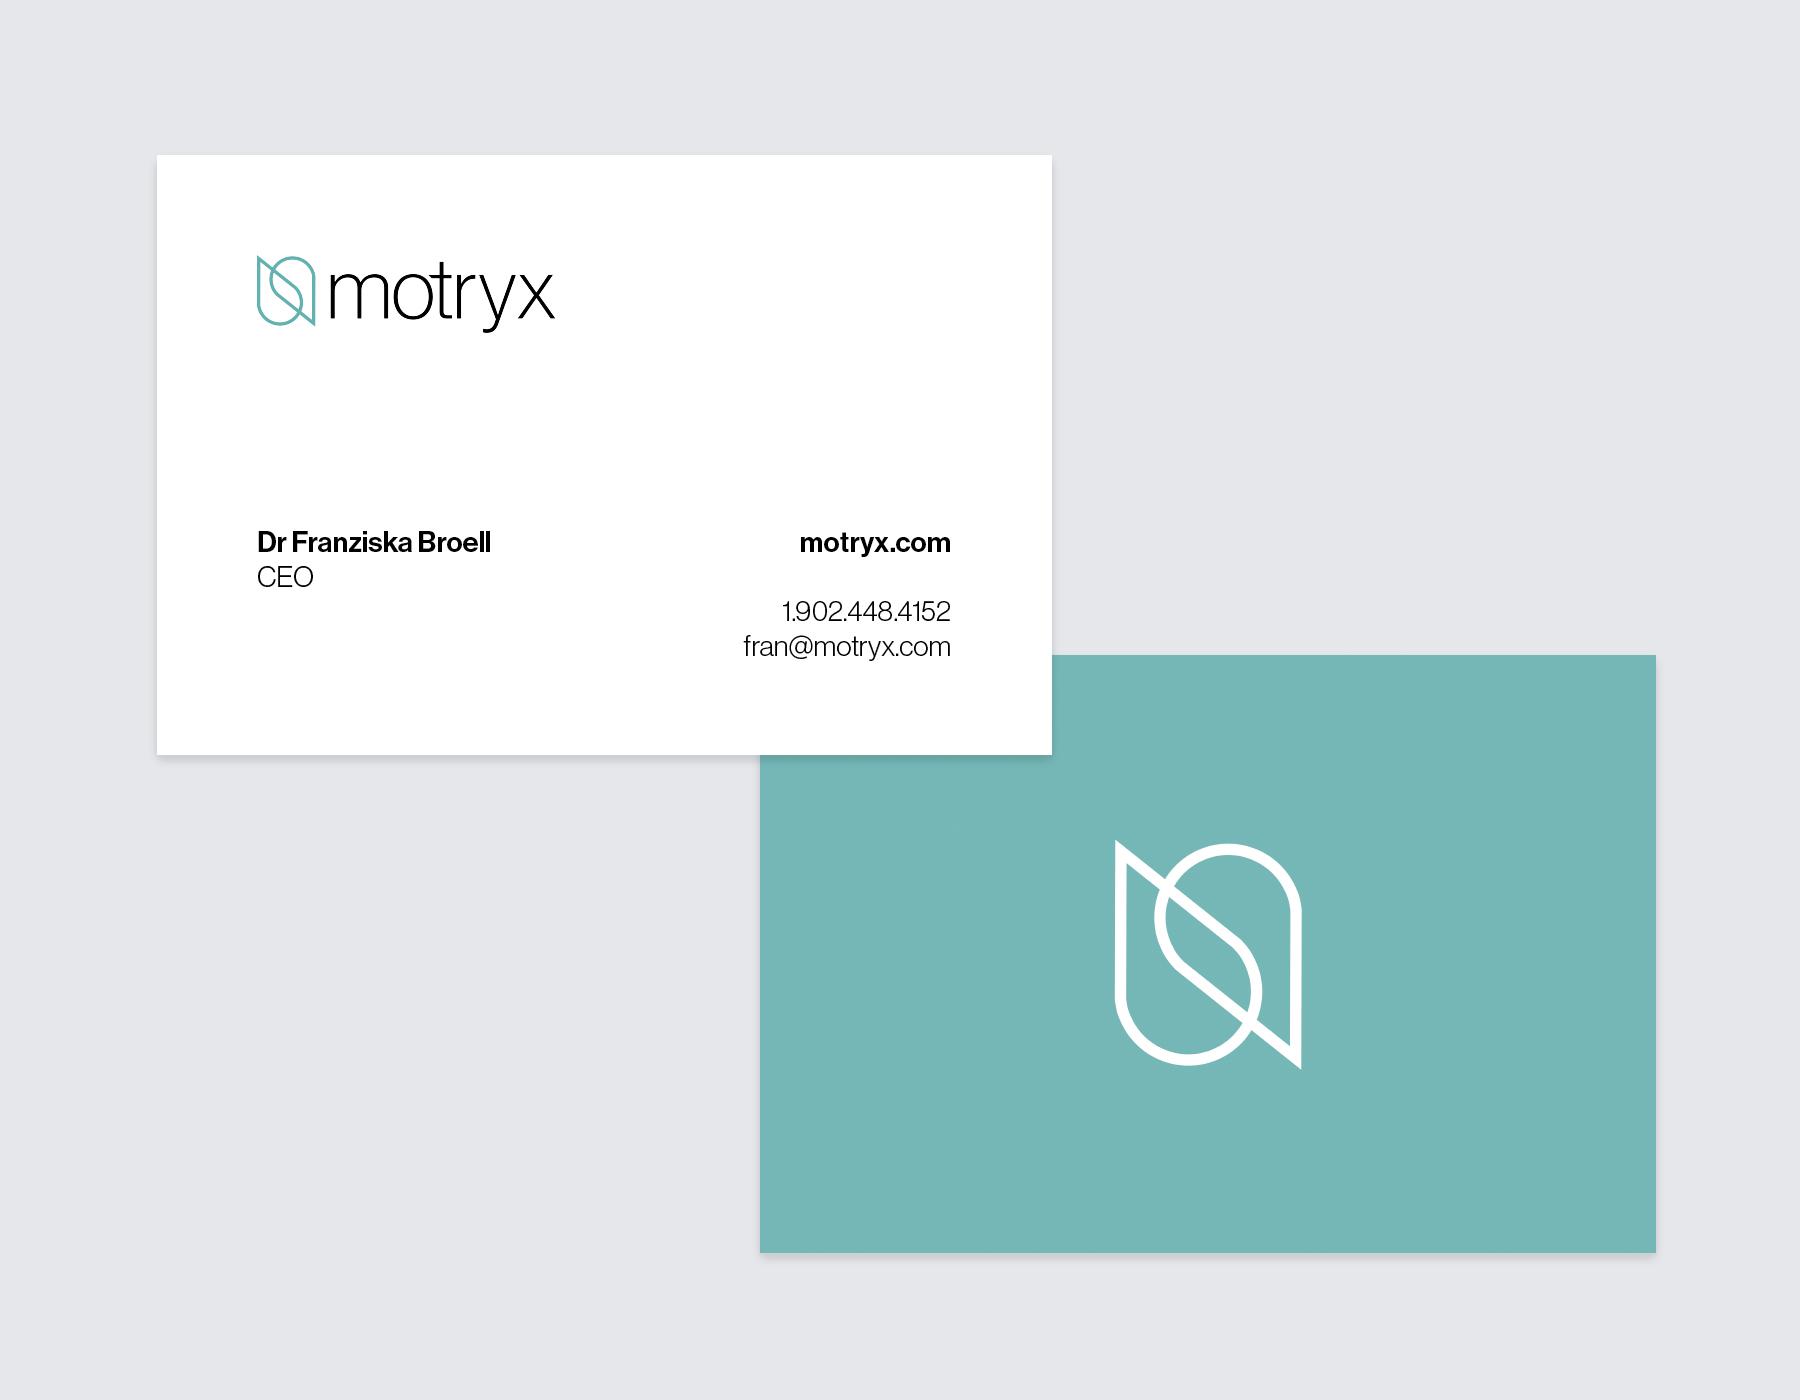 motryx card mockup.jpg